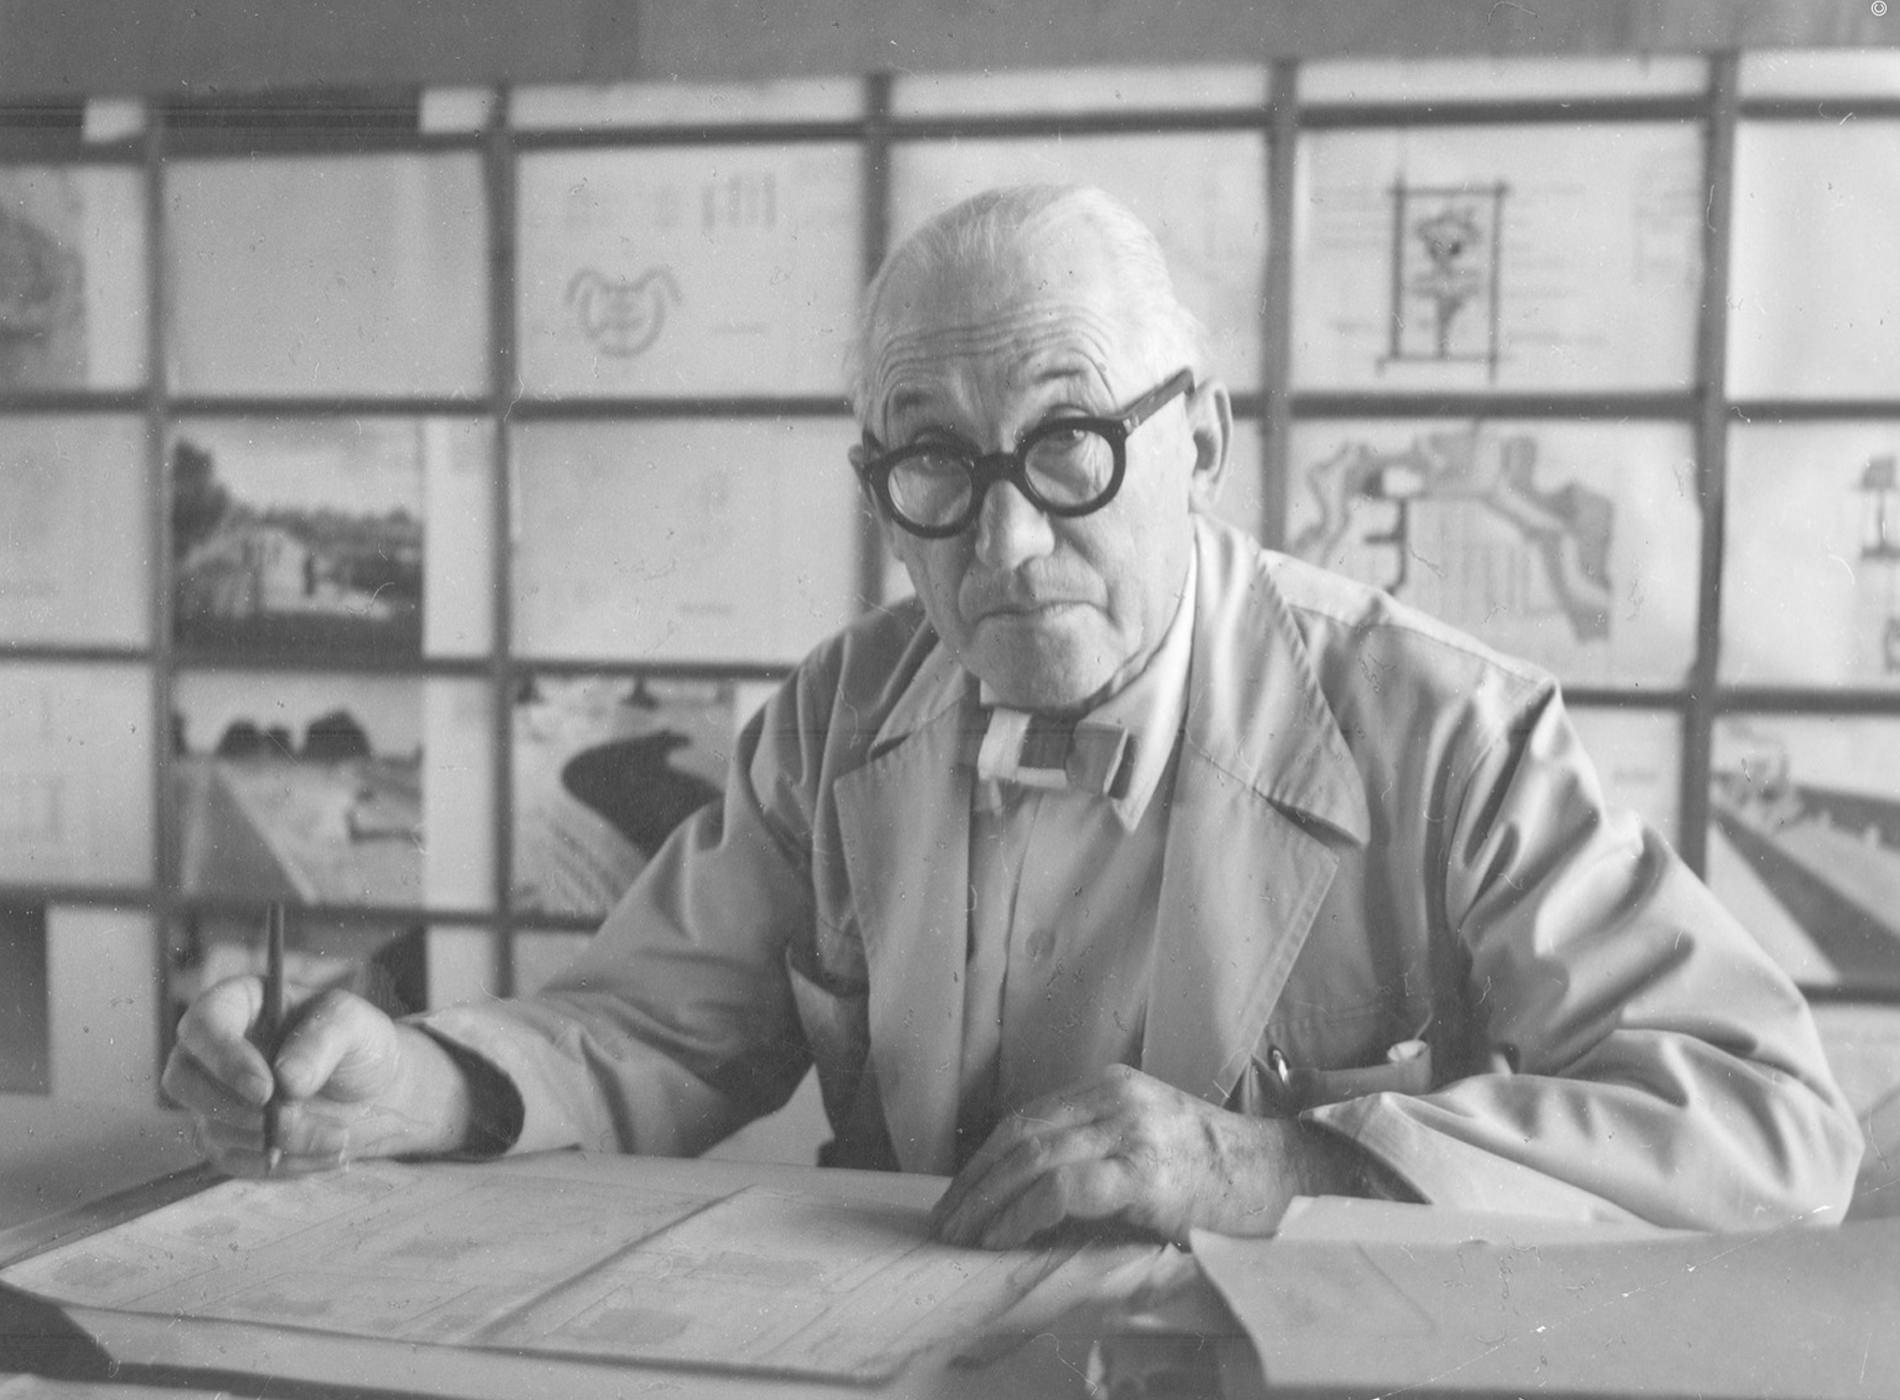 Rado Montres True Thinline Les Couleurs Le Corbusier Portrait Architecte